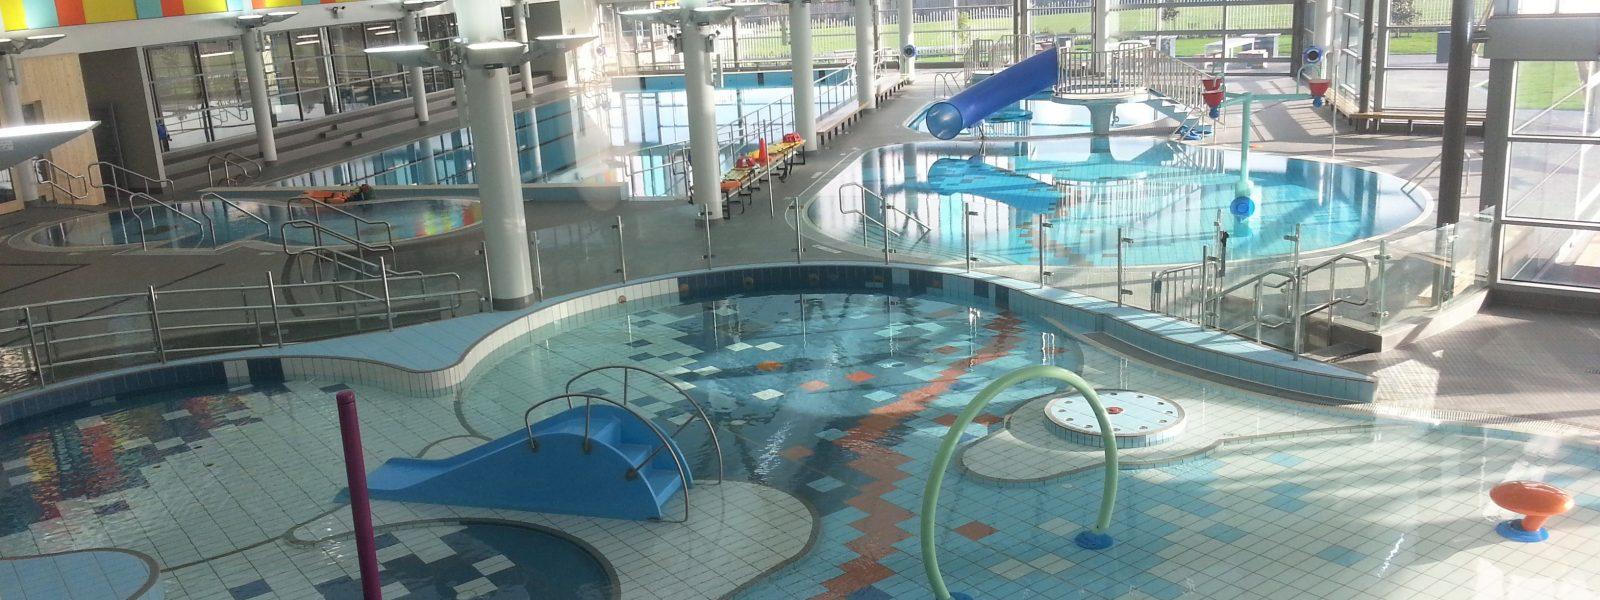 Otahuhu Pool Internal